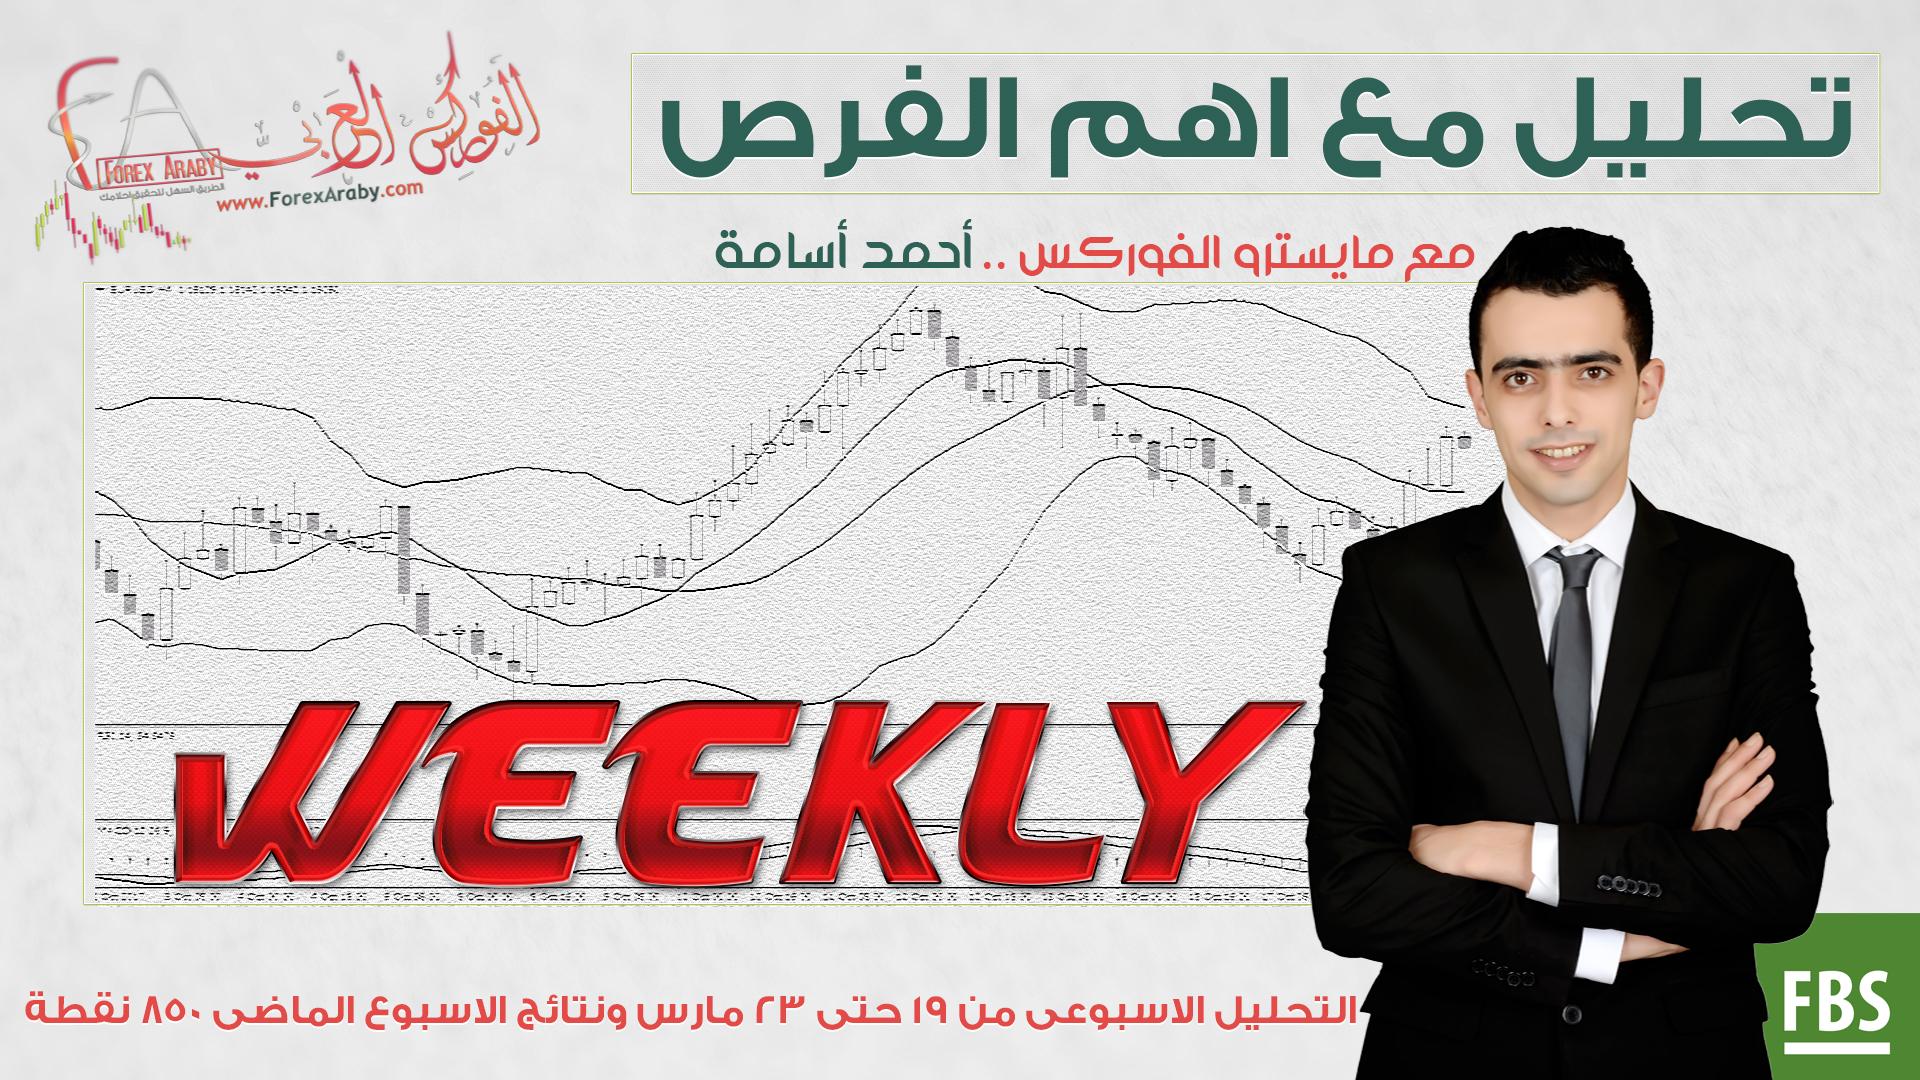 التحليل الاسبوعى من 19 حتى 23 مارس ونتائج الاسبوع الماضى 850 نقطة